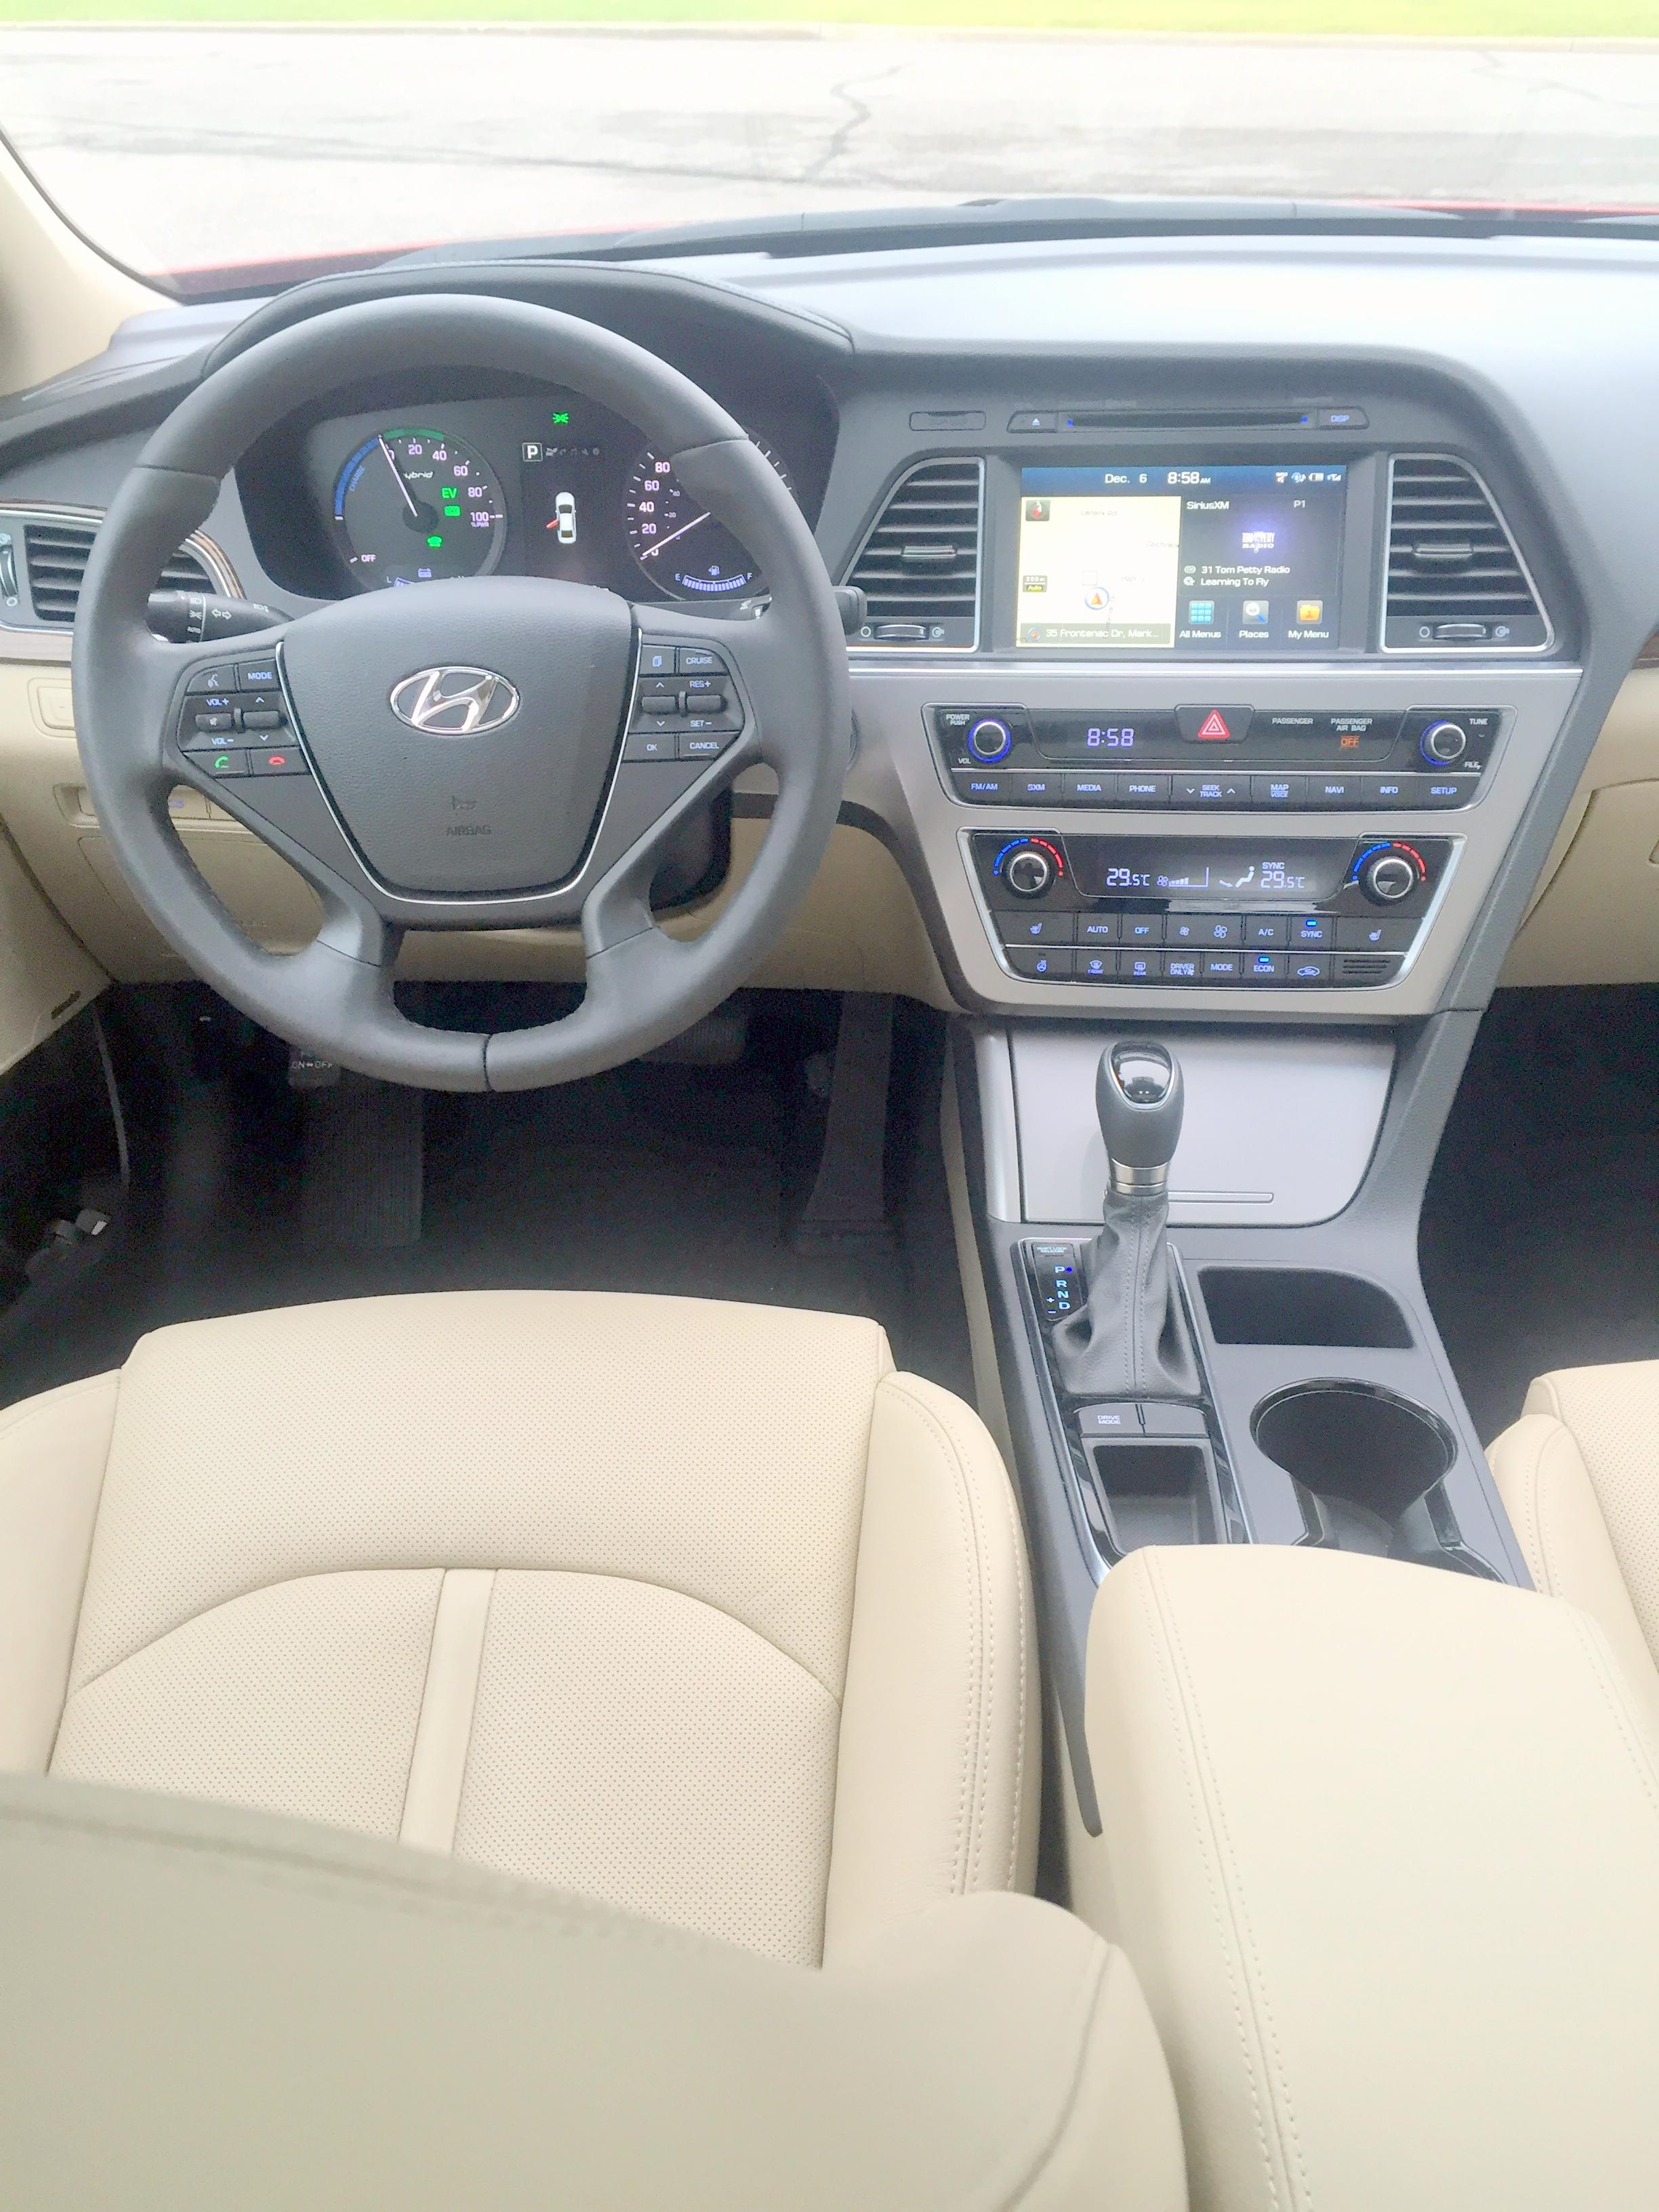 2016 Hyundai Sonata Hybrid(5).JPG